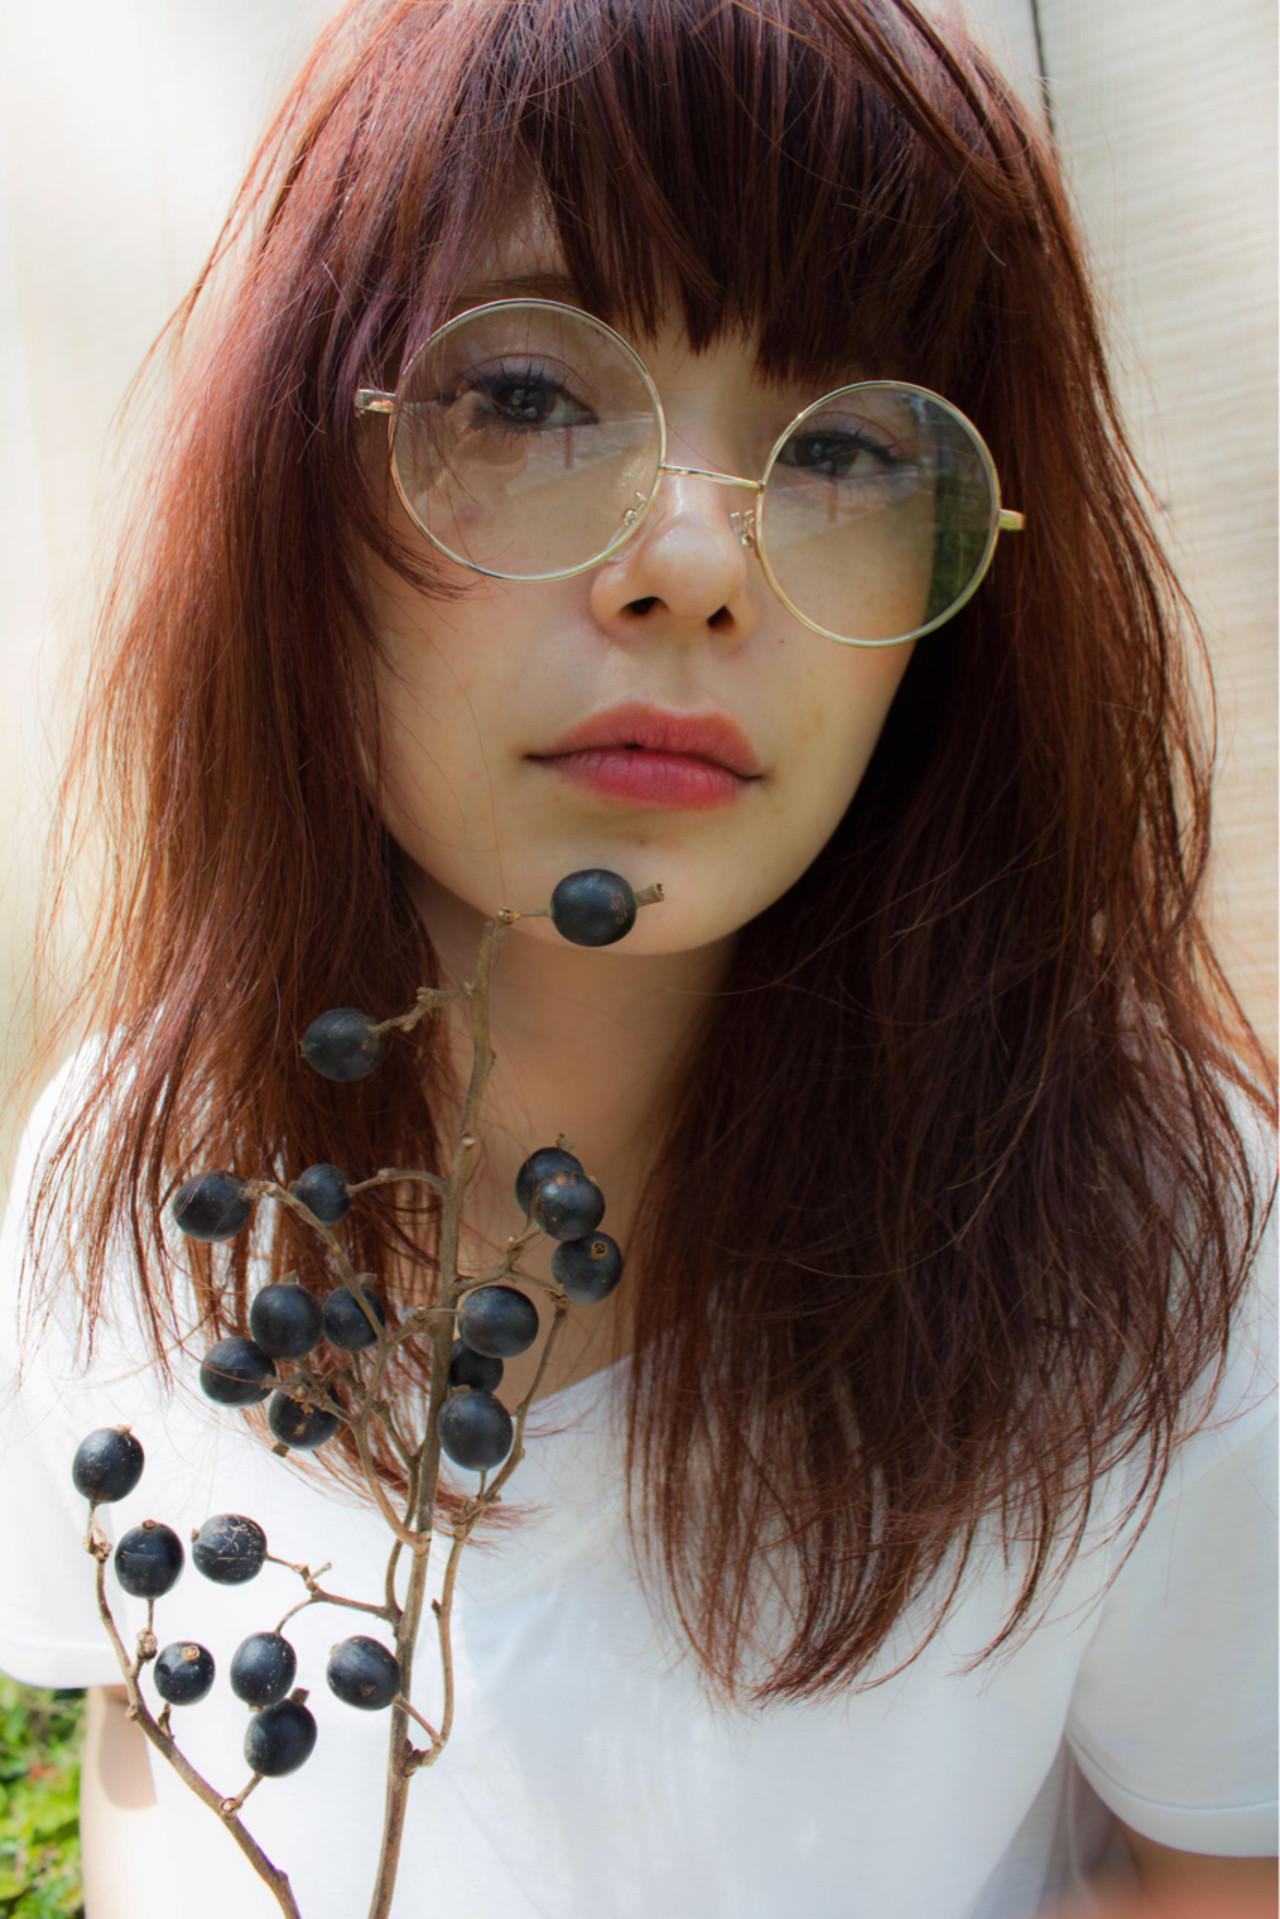 セミロング アッシュ レッド ゆるふわ ヘアスタイルや髪型の写真・画像 | 桐山弘一 / kyli 表参道